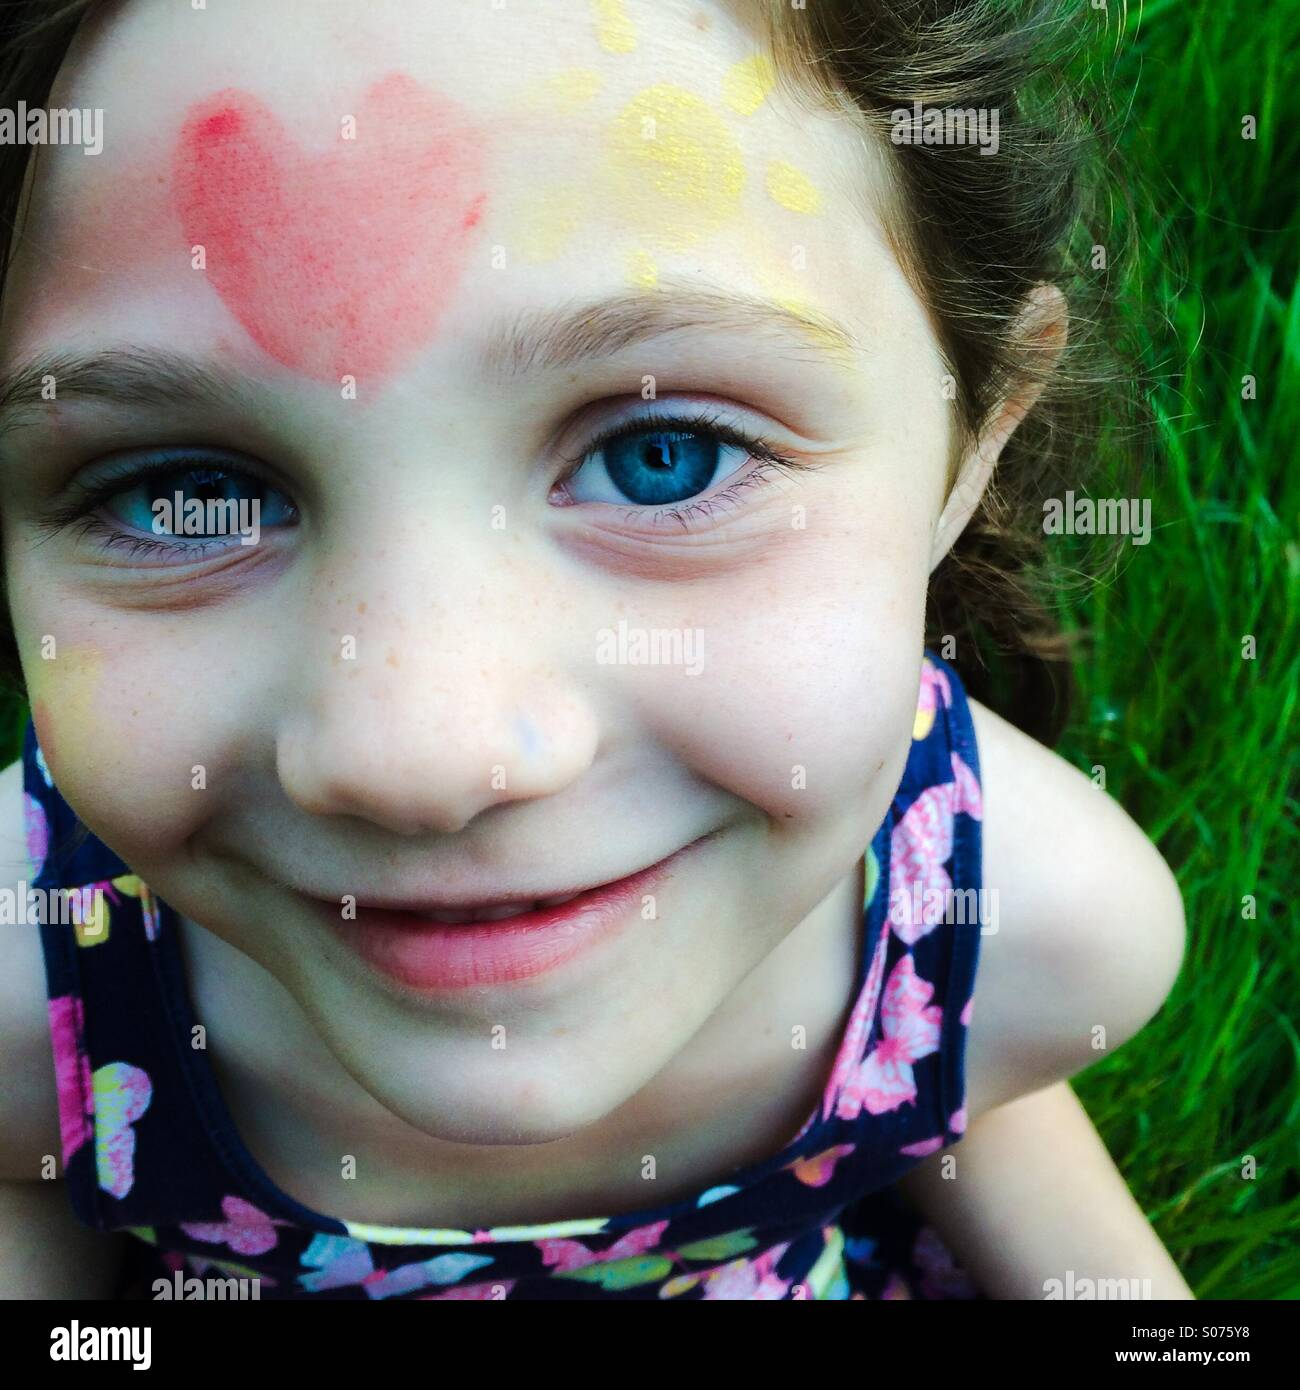 5 Jahre altes Mädchen mit Kinderschminken Stockbild